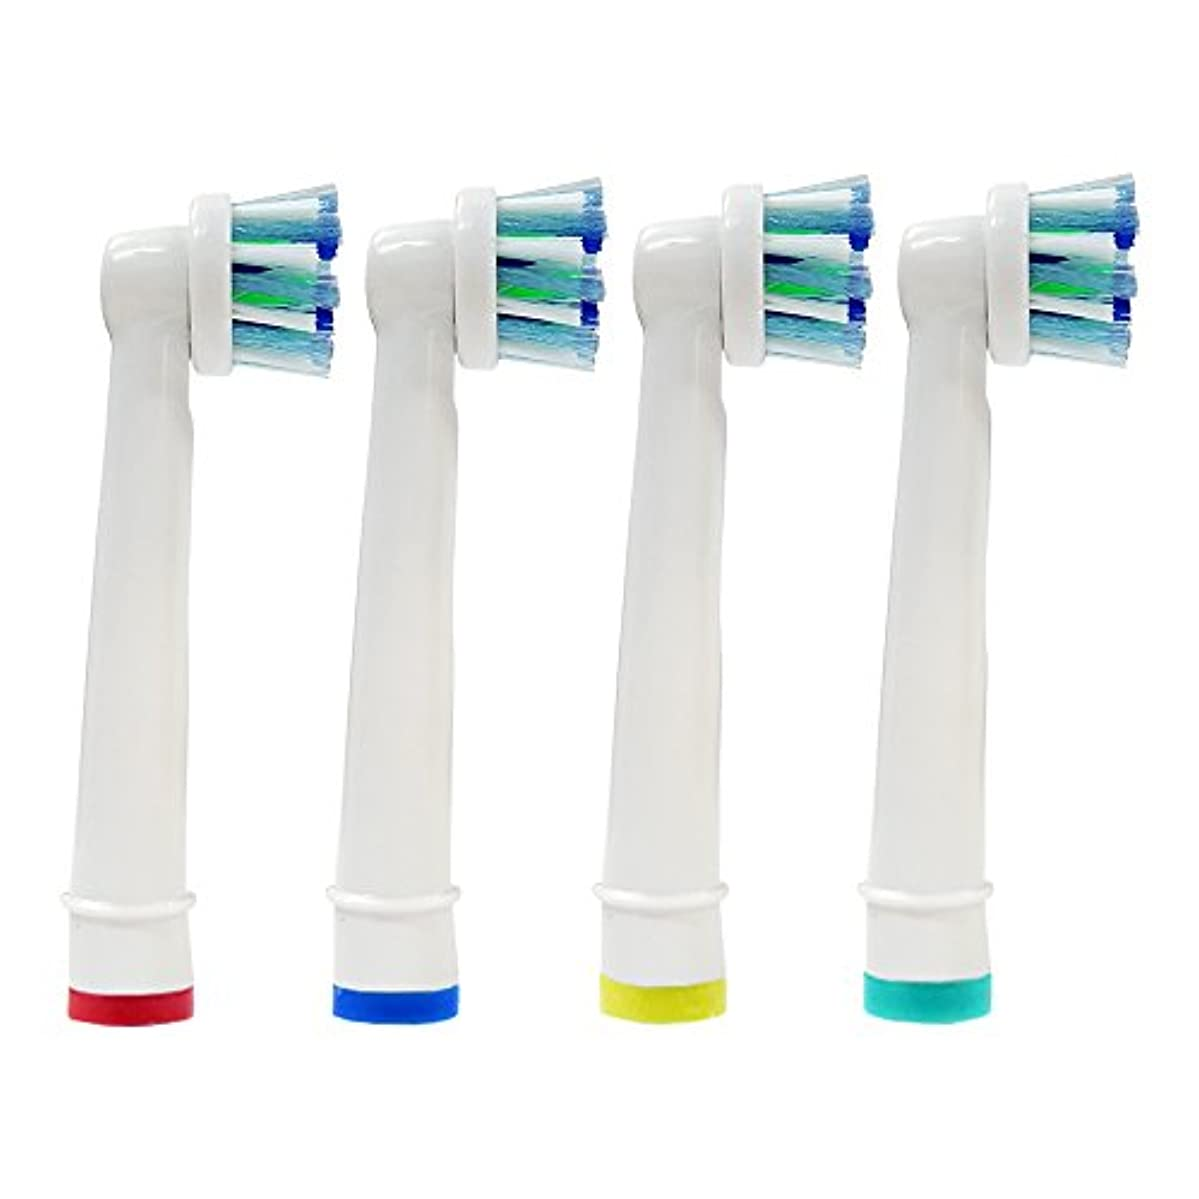 認識塗抹熟すブラウン オーラルB EB50-4本セット新互換替電動歯ブラシ替えブラシ マルチアクションブラシ  お口の衛生管理:品質1か月保証と保管1年保証の2大保証 【Mint製】